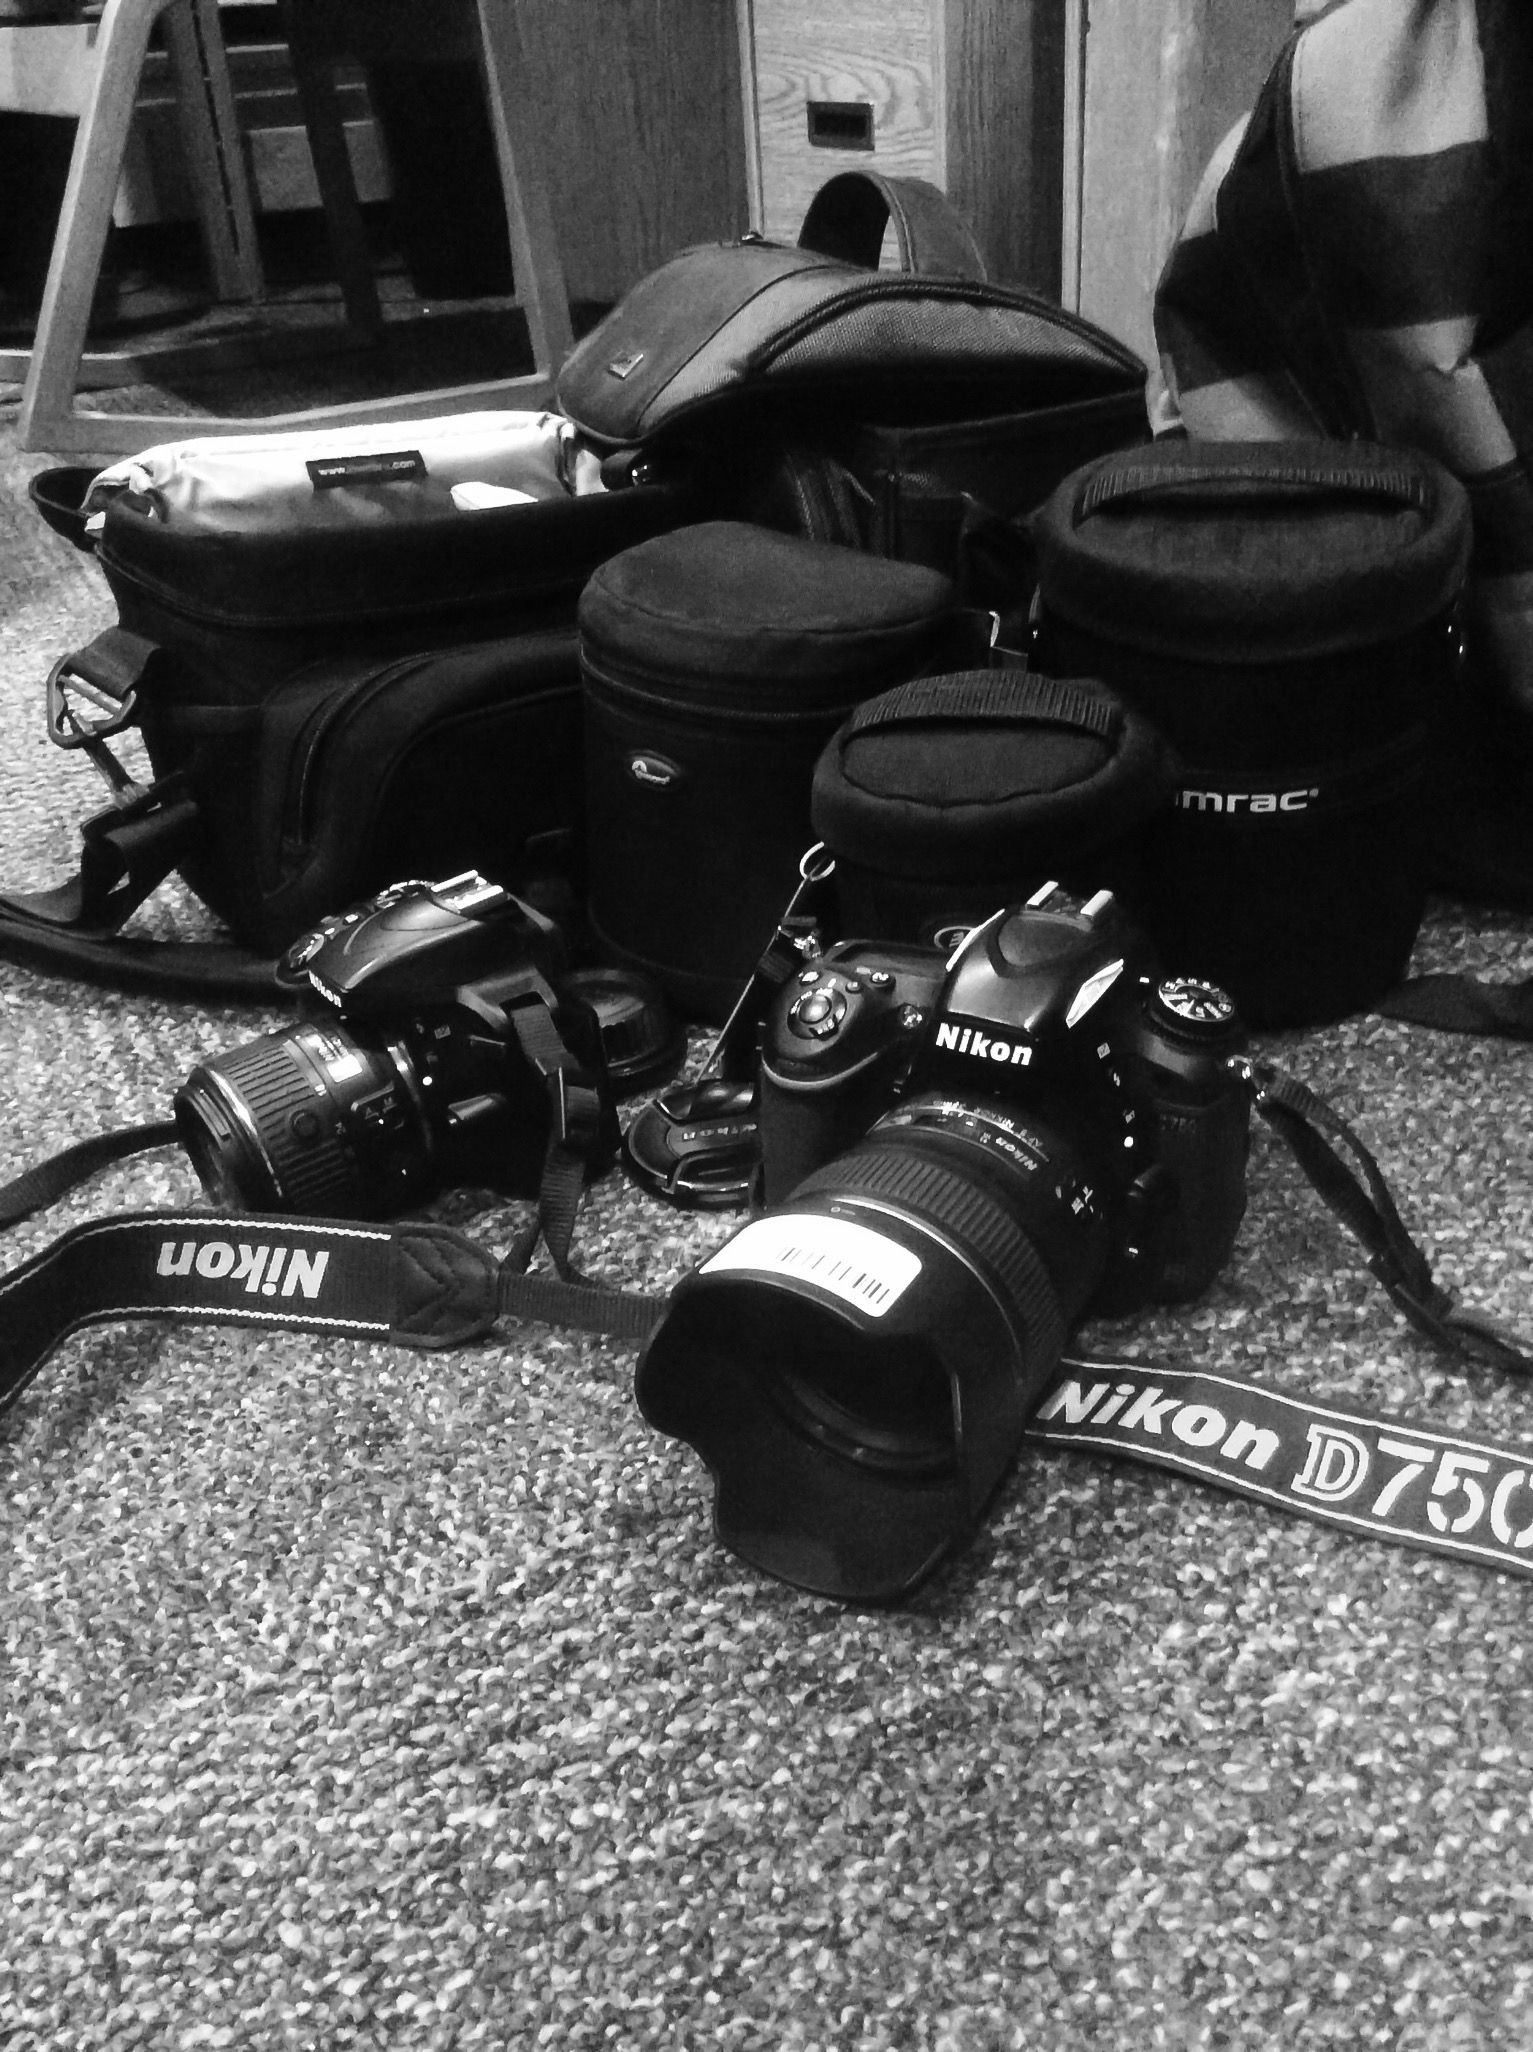 Nikon D3300 and Nikon D750 Cameras! Man I love photography